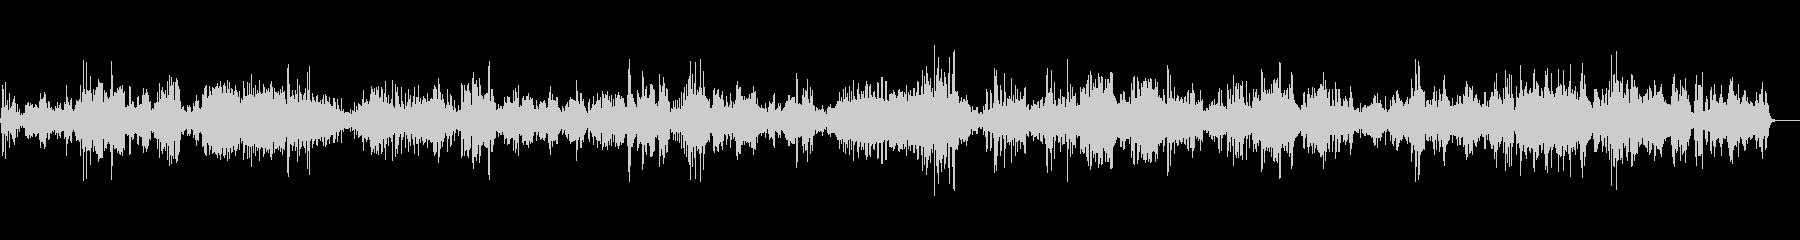 教会に響き渡るバイオリン独奏曲5の未再生の波形